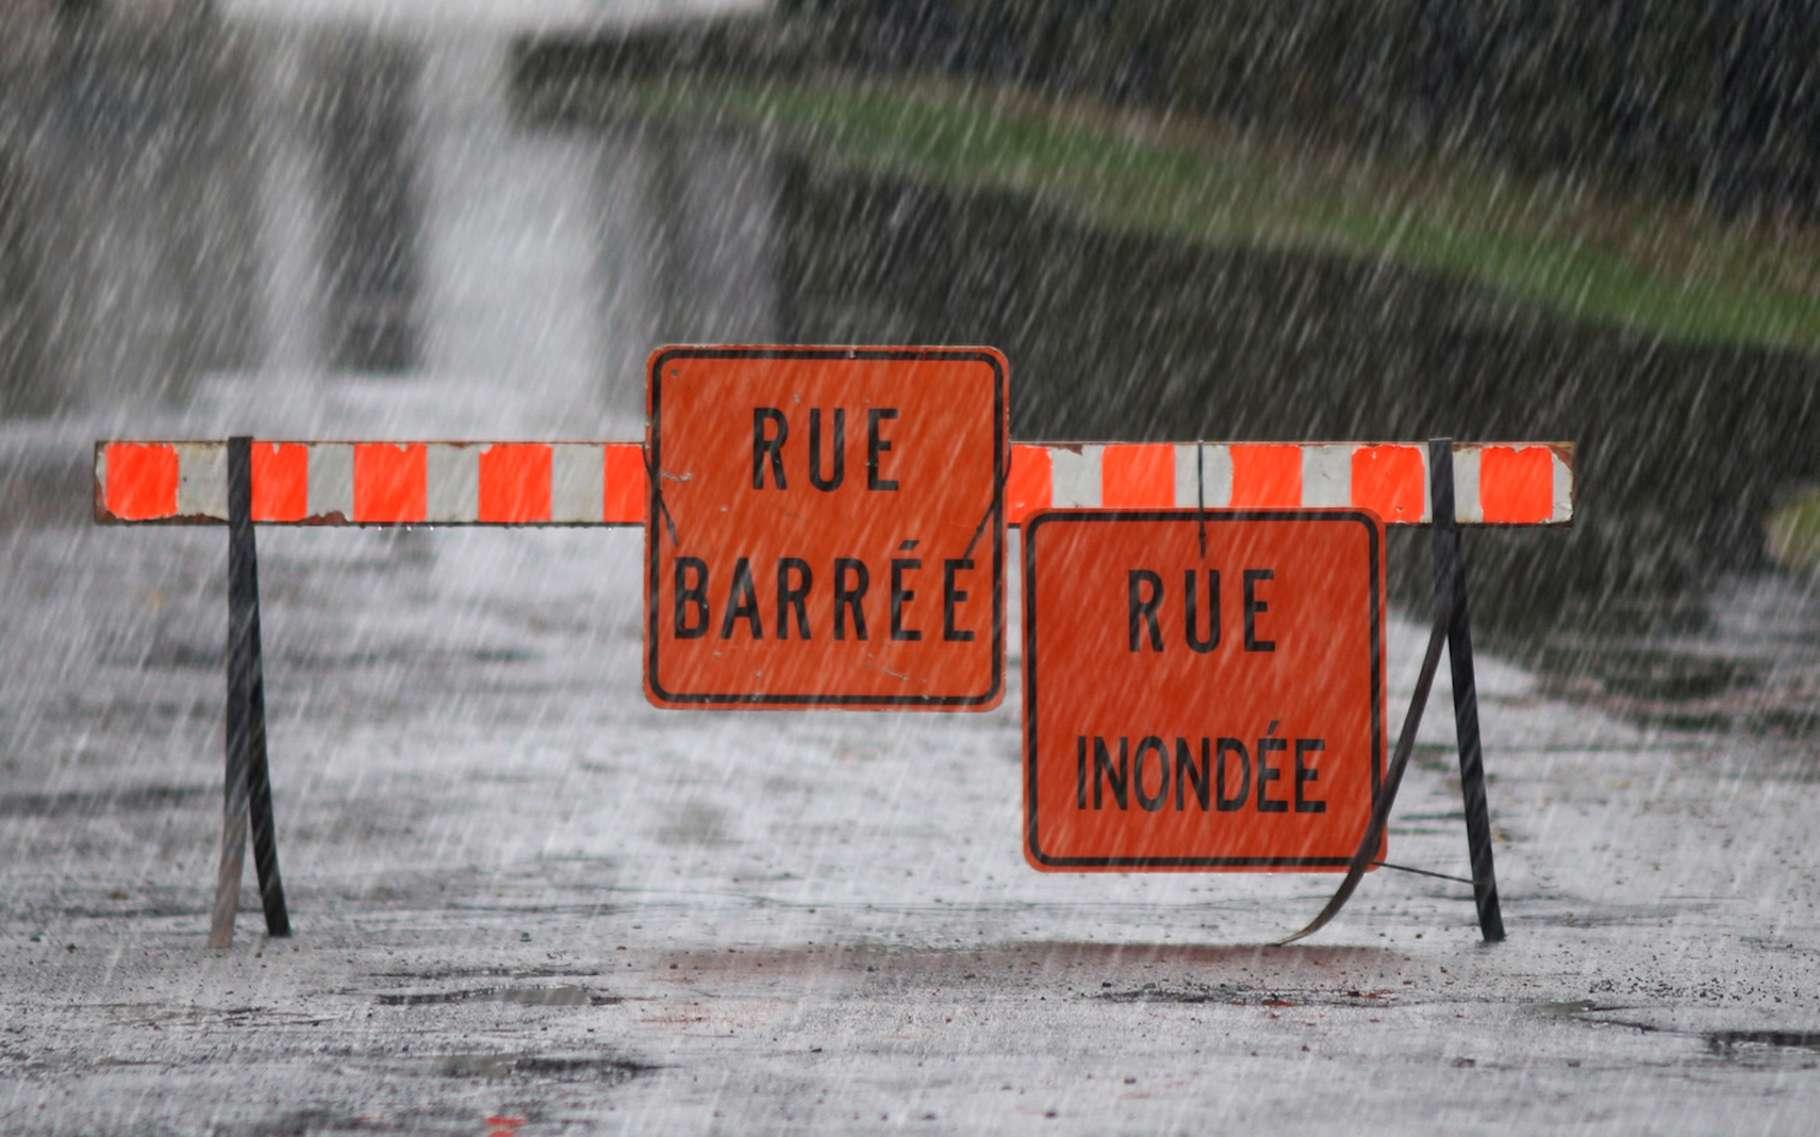 Les orages cévenols sont des évènements climatiques extrêmes souvent à l'origine d'inondations. © mario beauregard, Fotolia